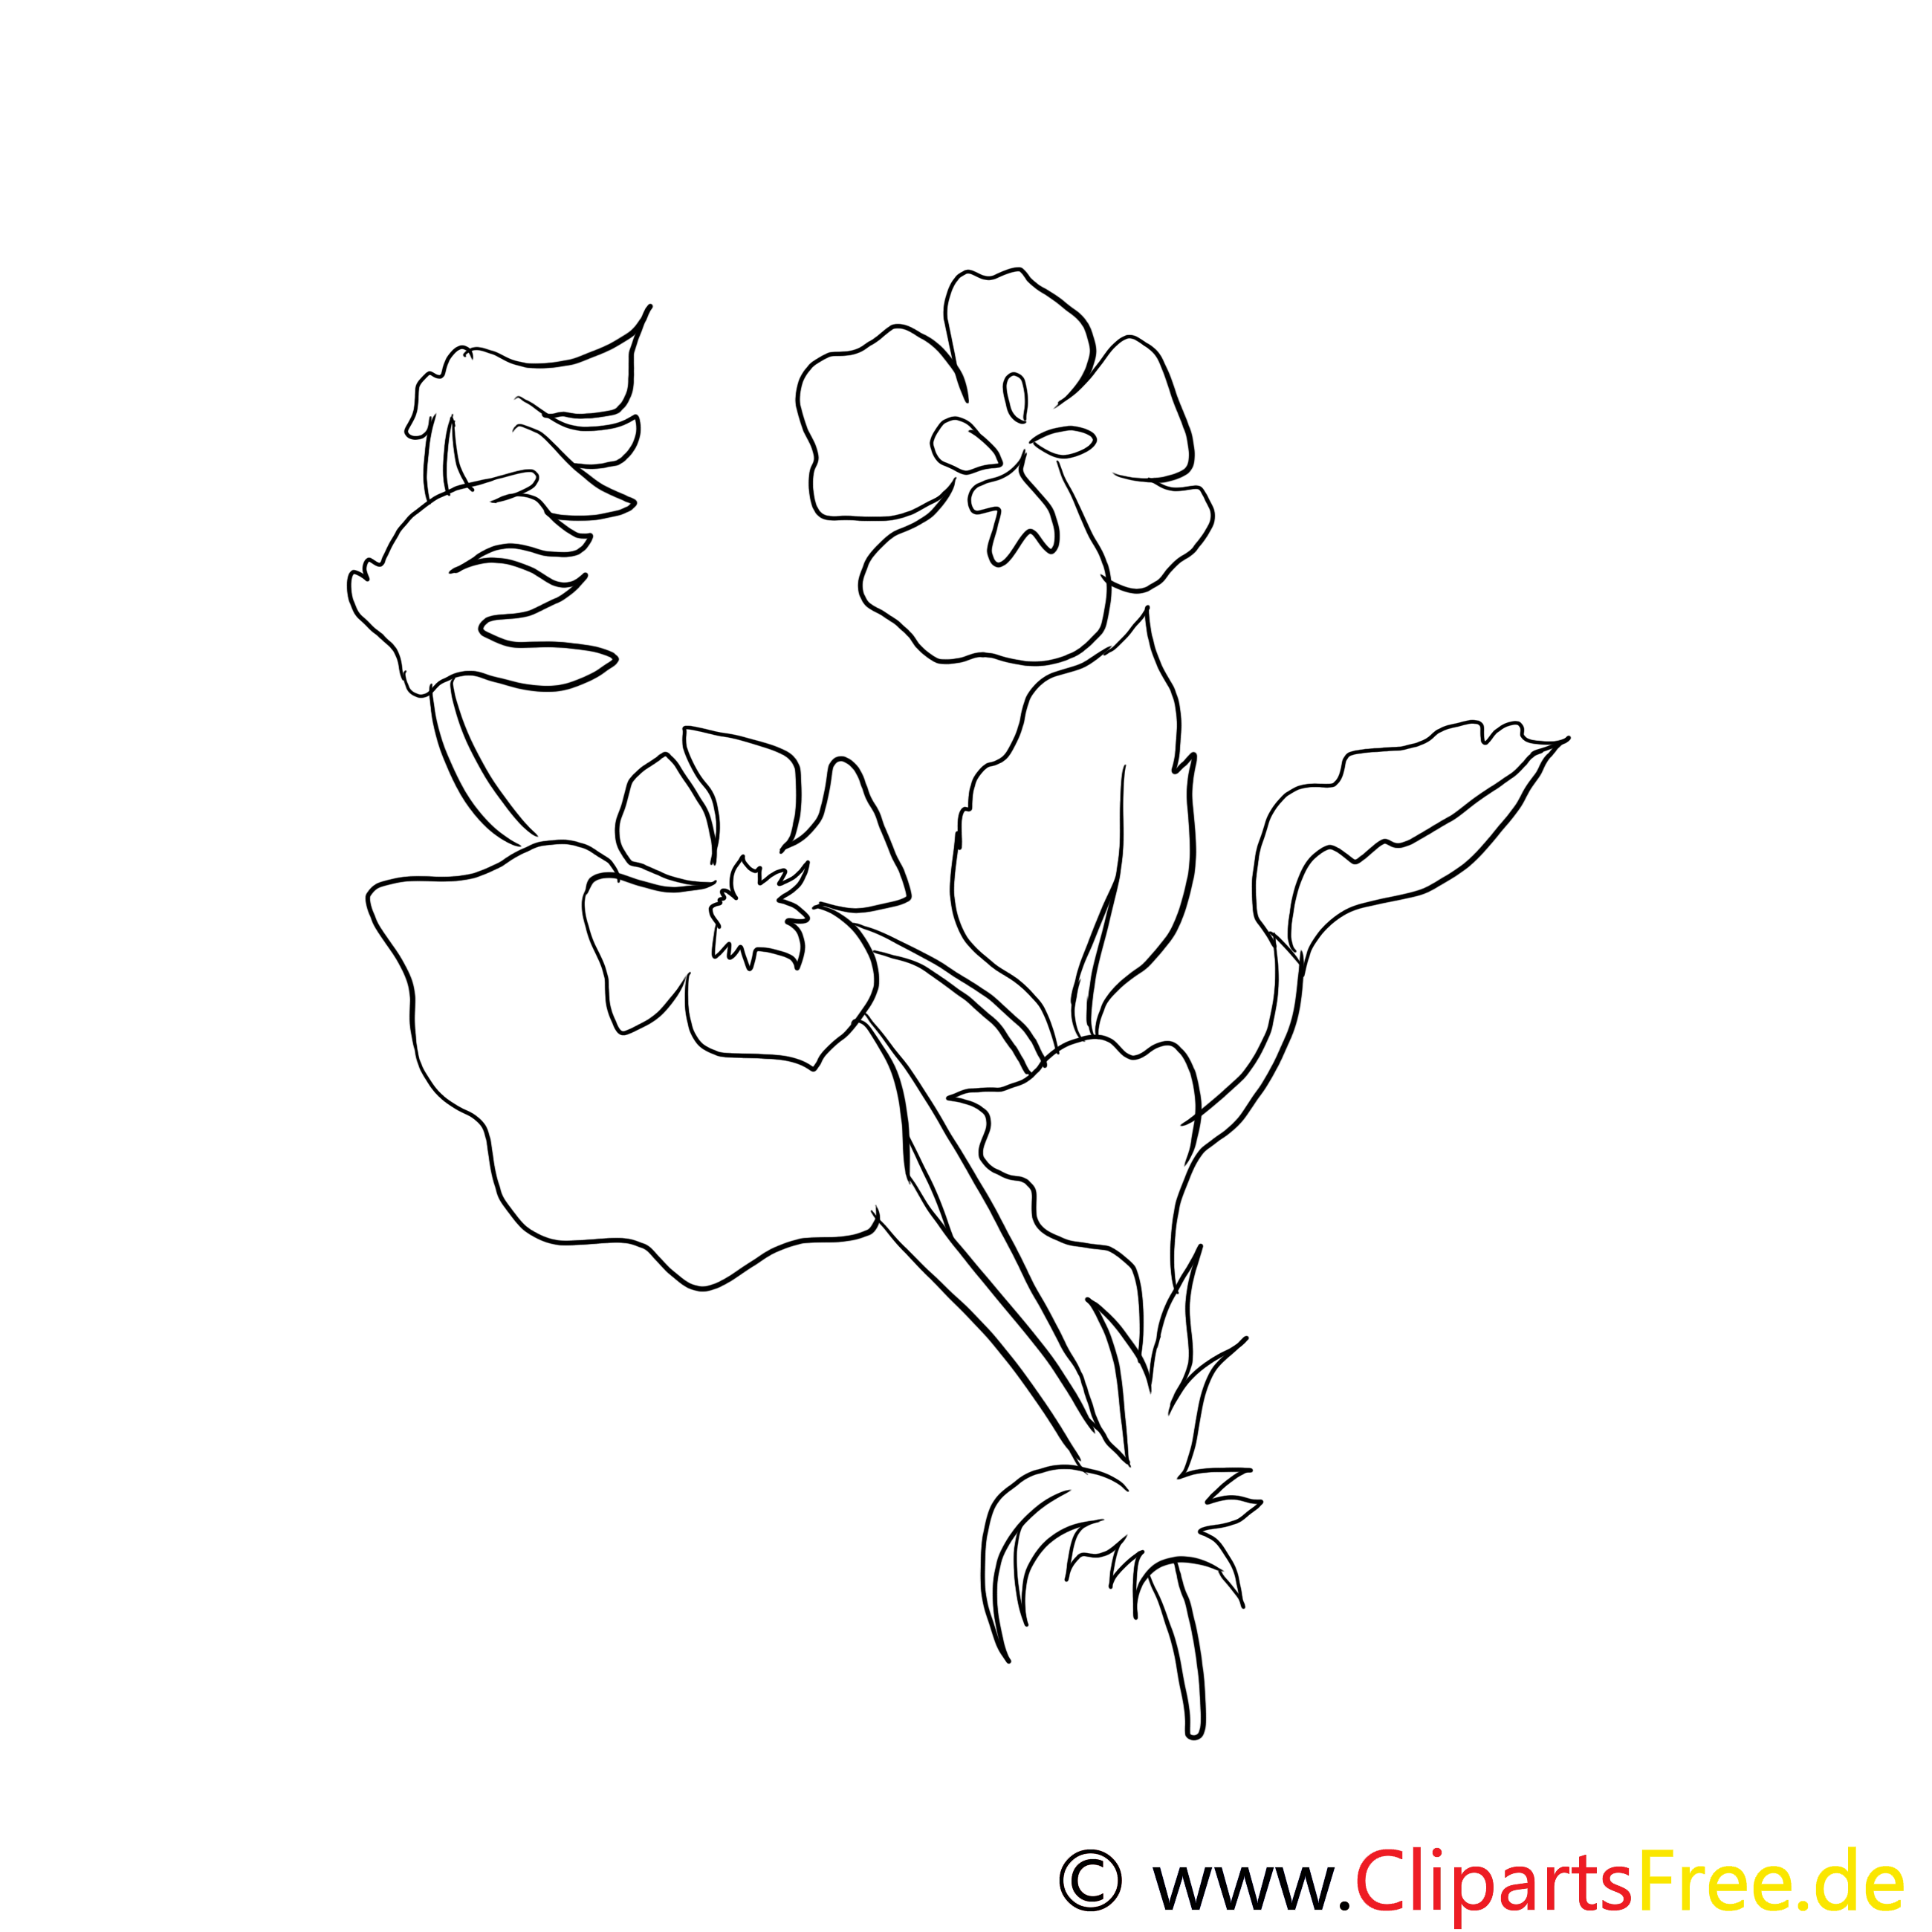 Wildes Stiefmütterchen Bild schwarz-weiß zum Ausmalen